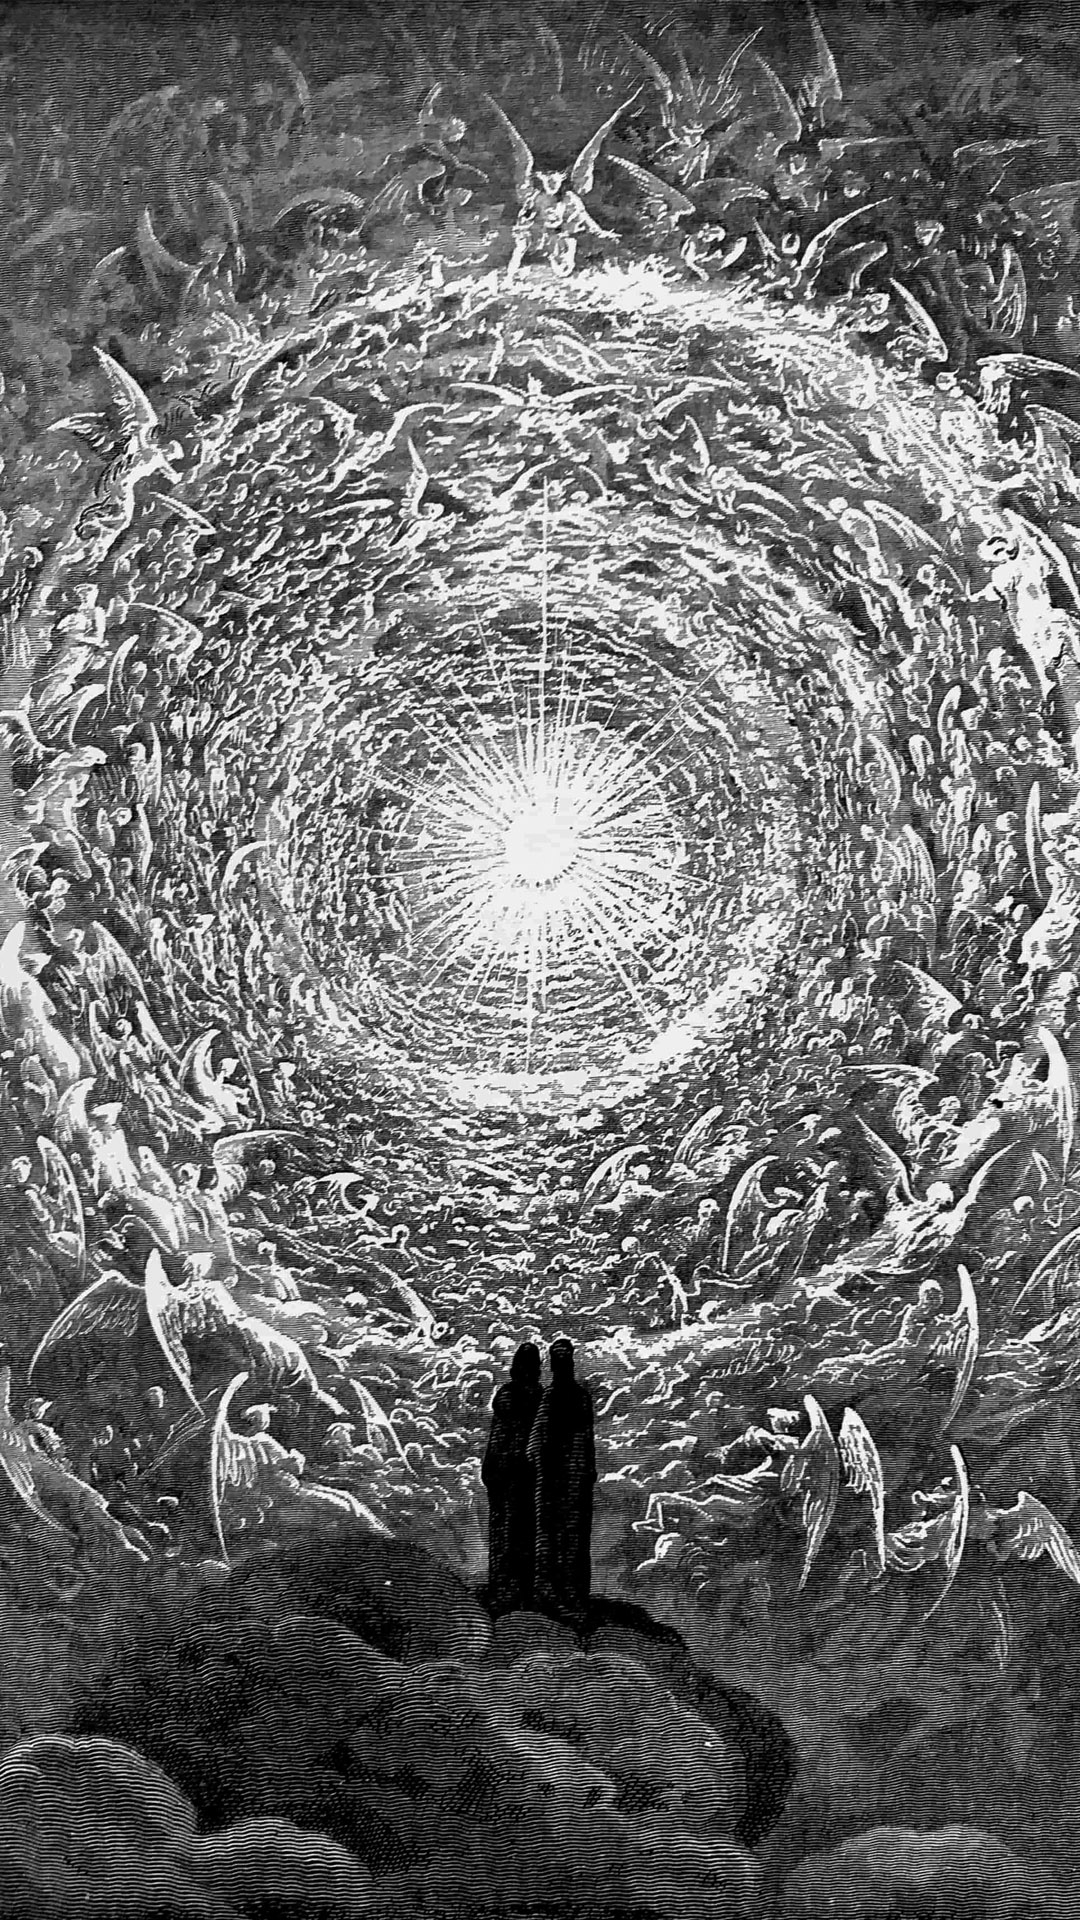 ギュスターブ・ドレ ダンテ 神曲 Gustave Dore - The Empyrean 1080x1920